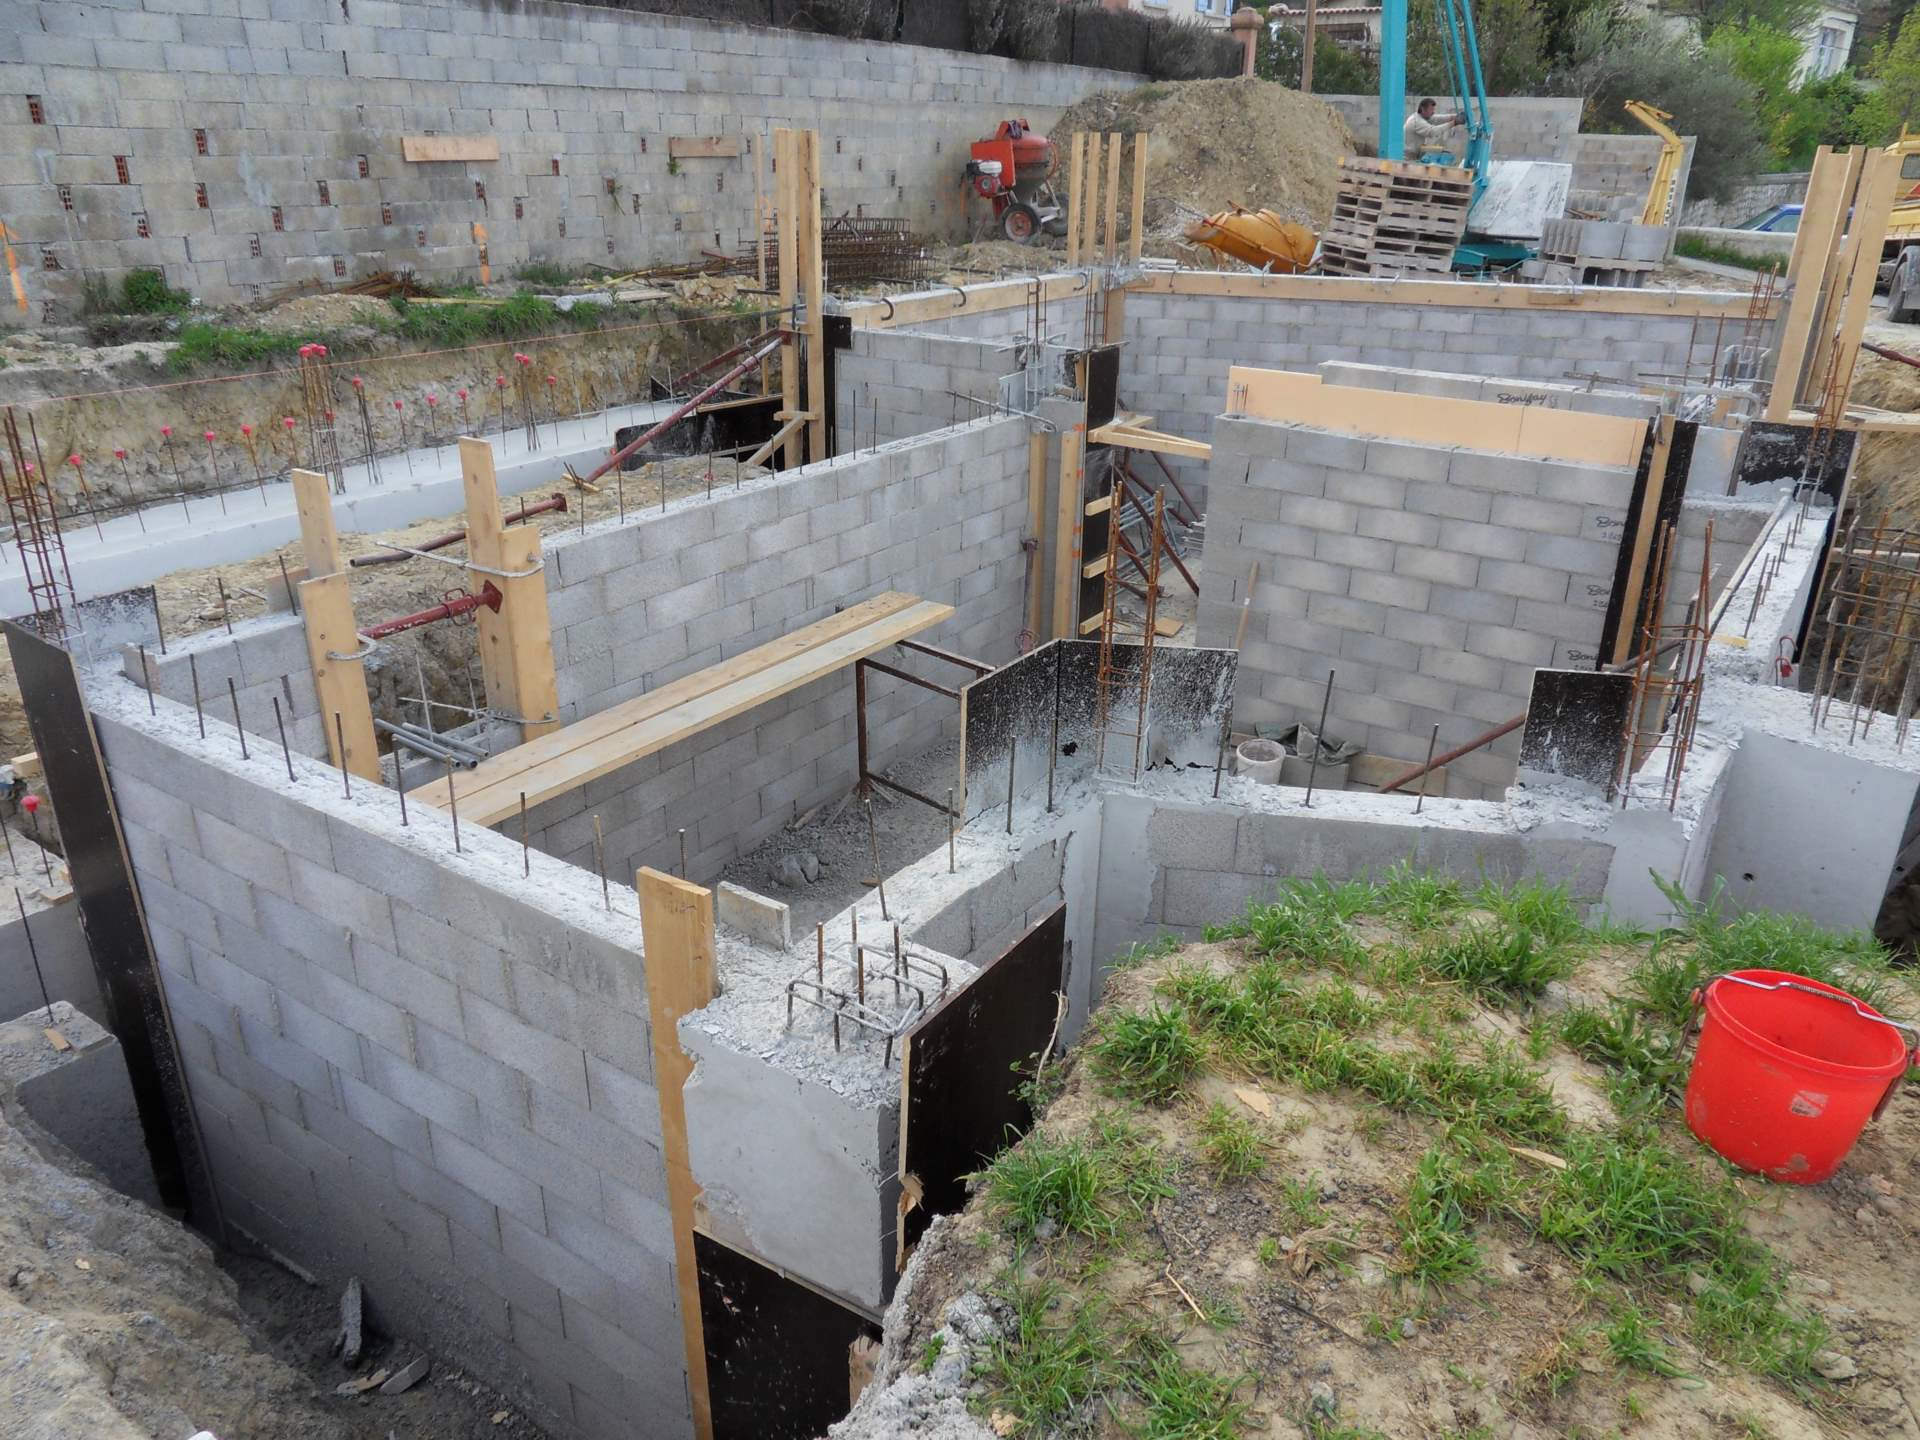 architecte bouche du rh ne construction d 39 une maison. Black Bedroom Furniture Sets. Home Design Ideas